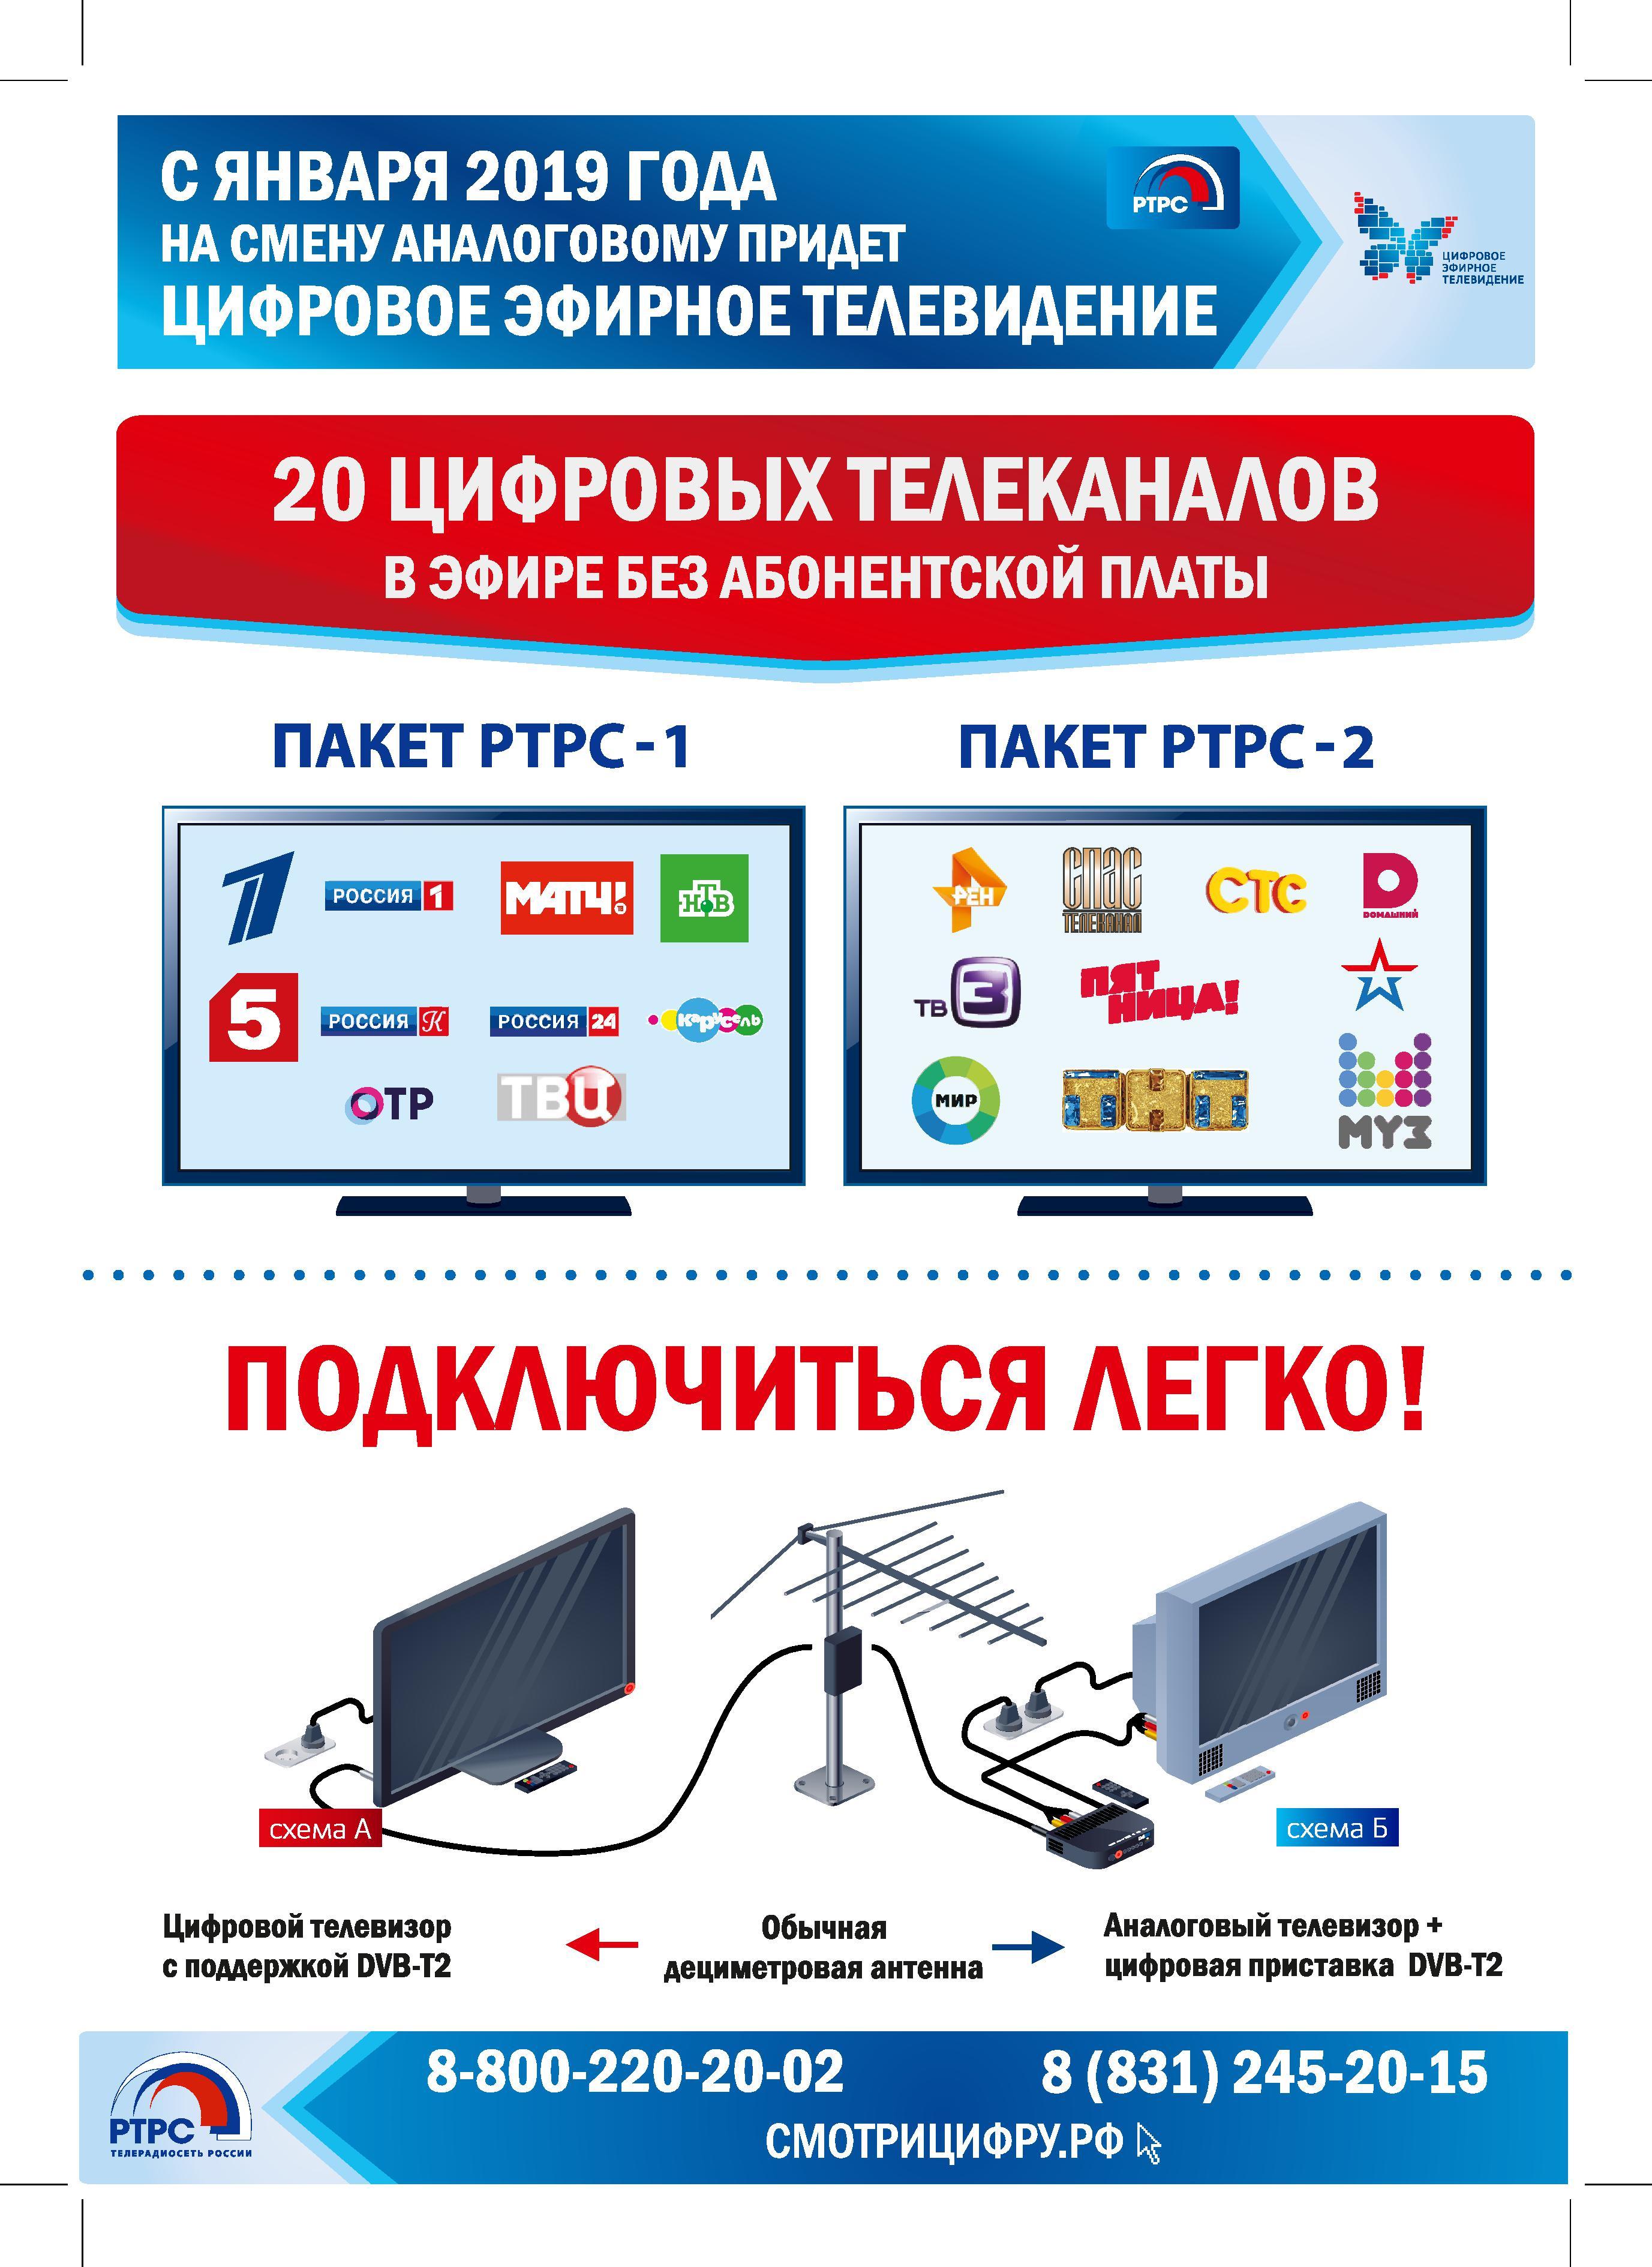 Больничные листы в 2019 году купить в Москве Нагорный